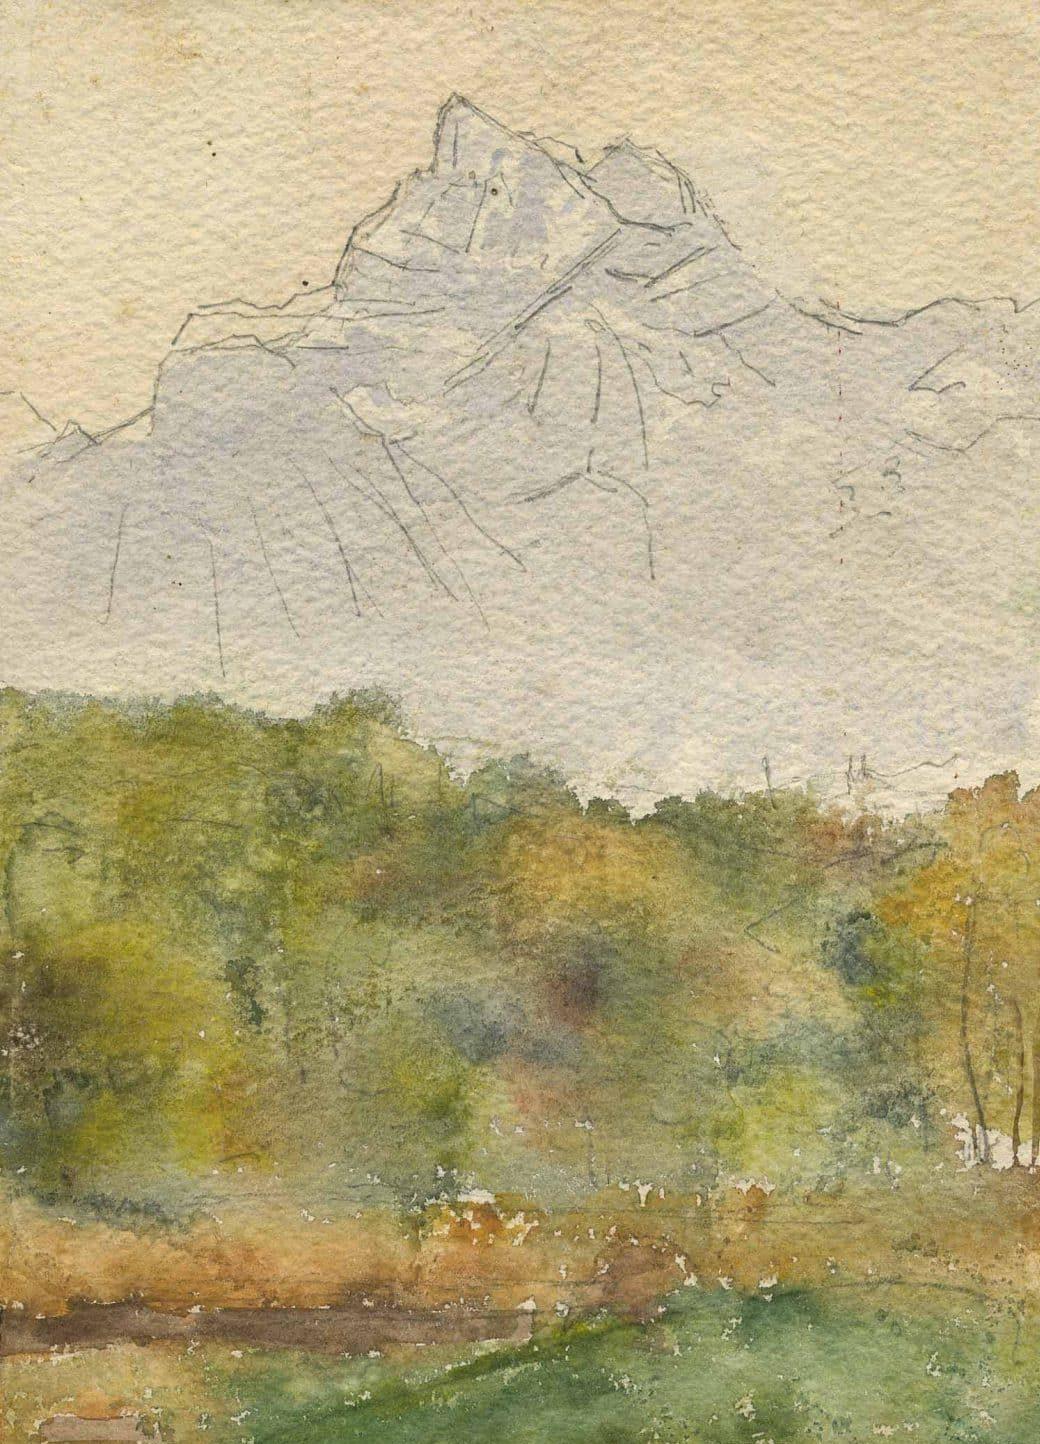 Le pont de la teinturerie et la Dent-du-Midi. Peinture exécutée par Mr. Alfred de Peyer (1839-1906), collection Mandement de Bex